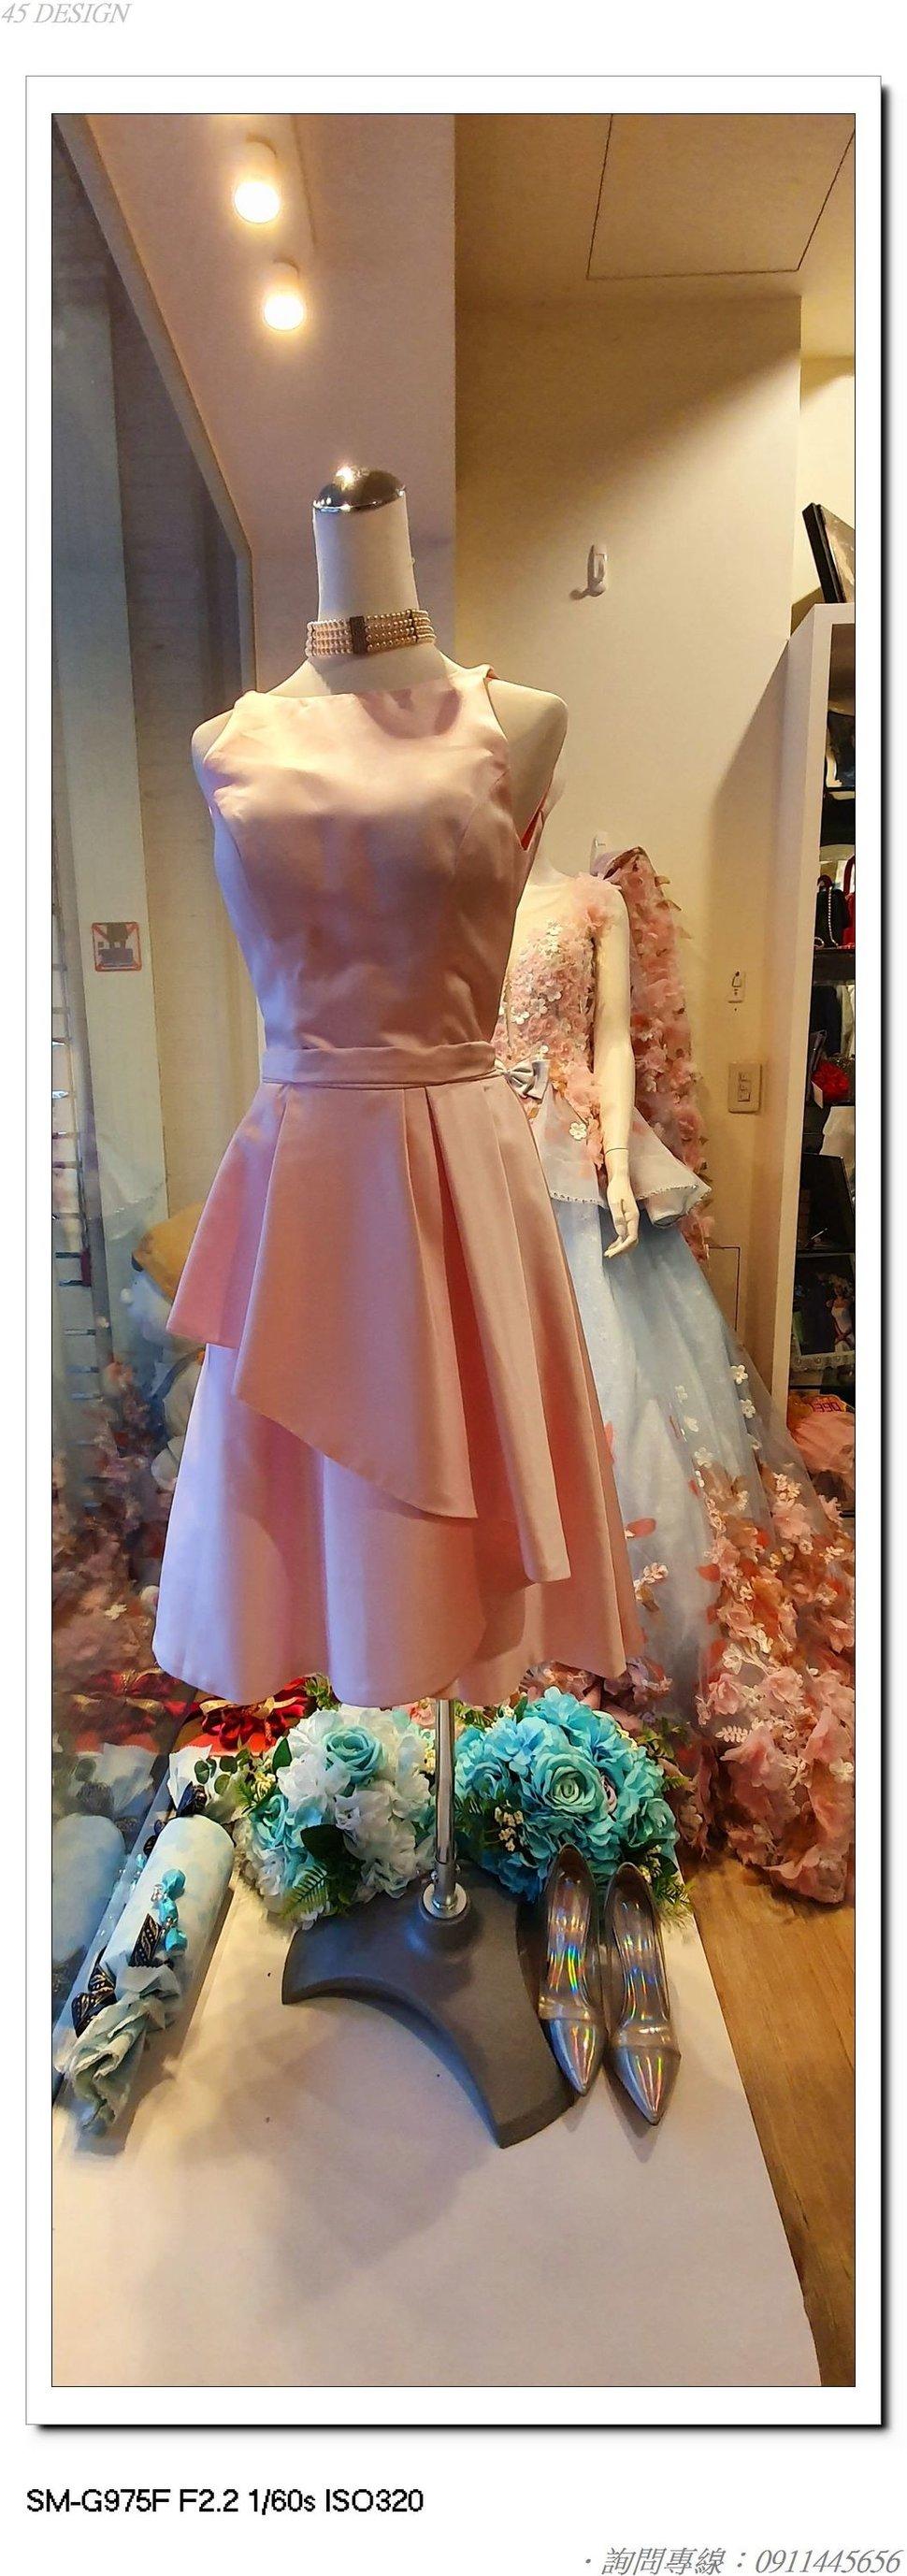 20200211_170830 - 全台最便宜-45DESIGN四五婚紗禮服《結婚吧》